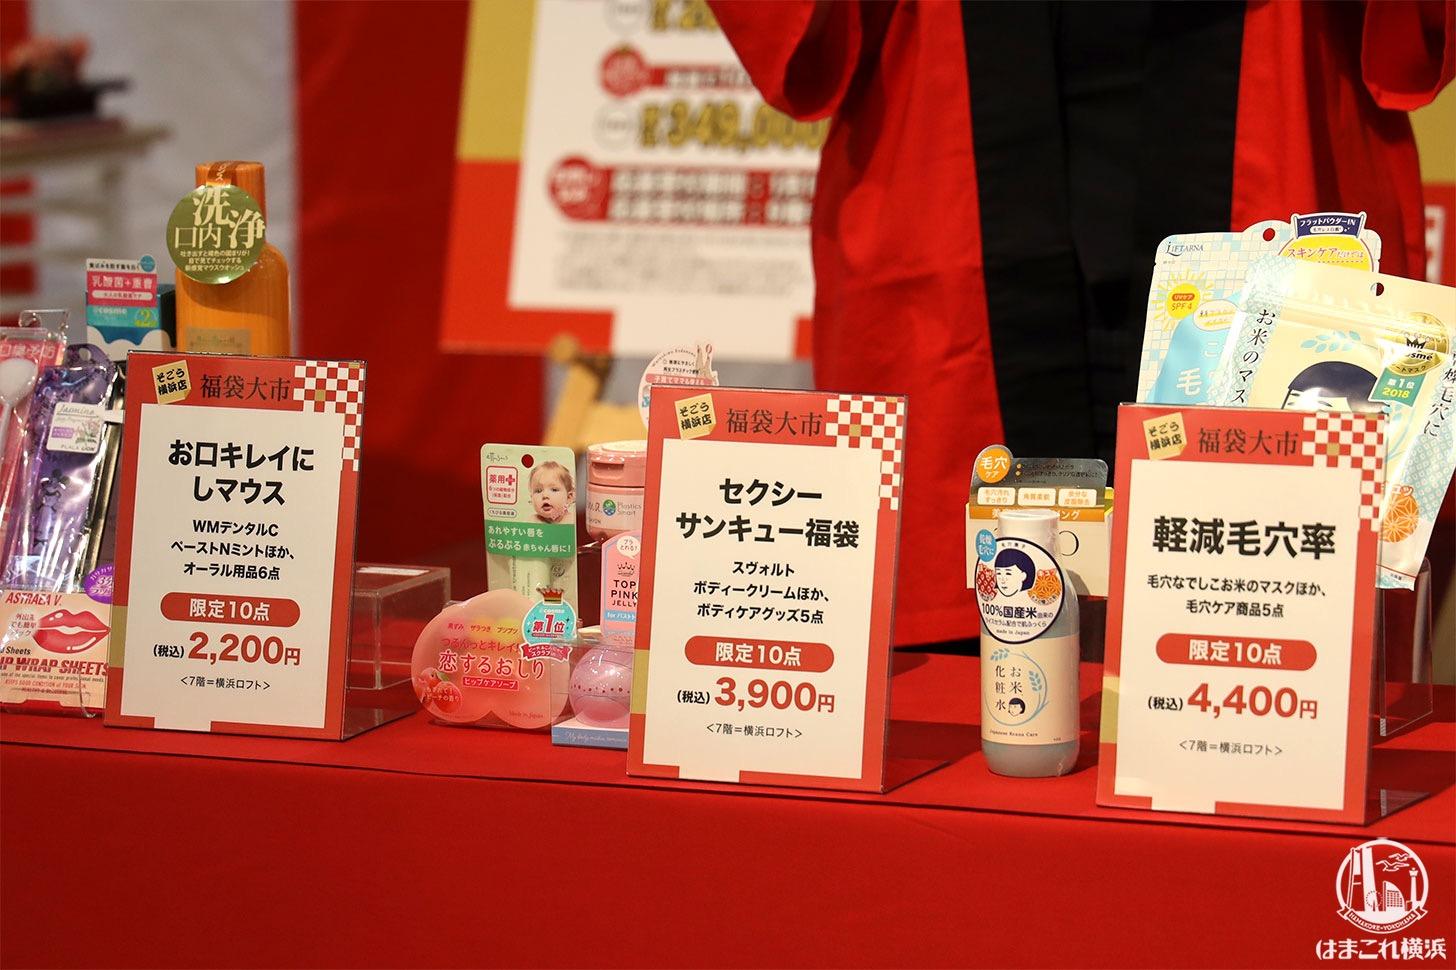 そごう横浜店 2020年の福袋をお披露目!令和初福袋はエールを送る福袋など約52000個